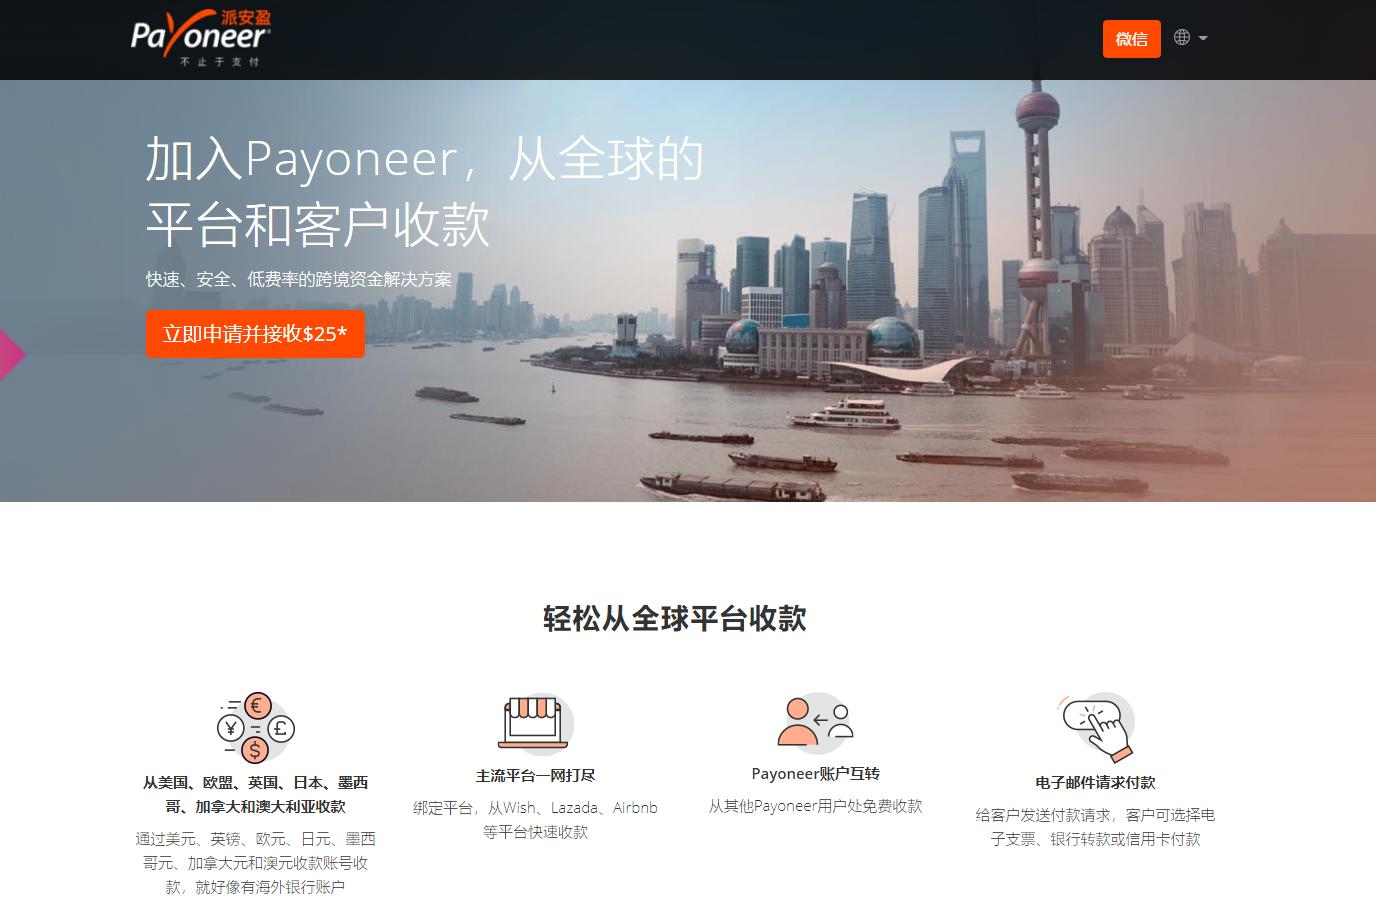 美国银行账户Payoneer卡,Amazon联盟收款必备